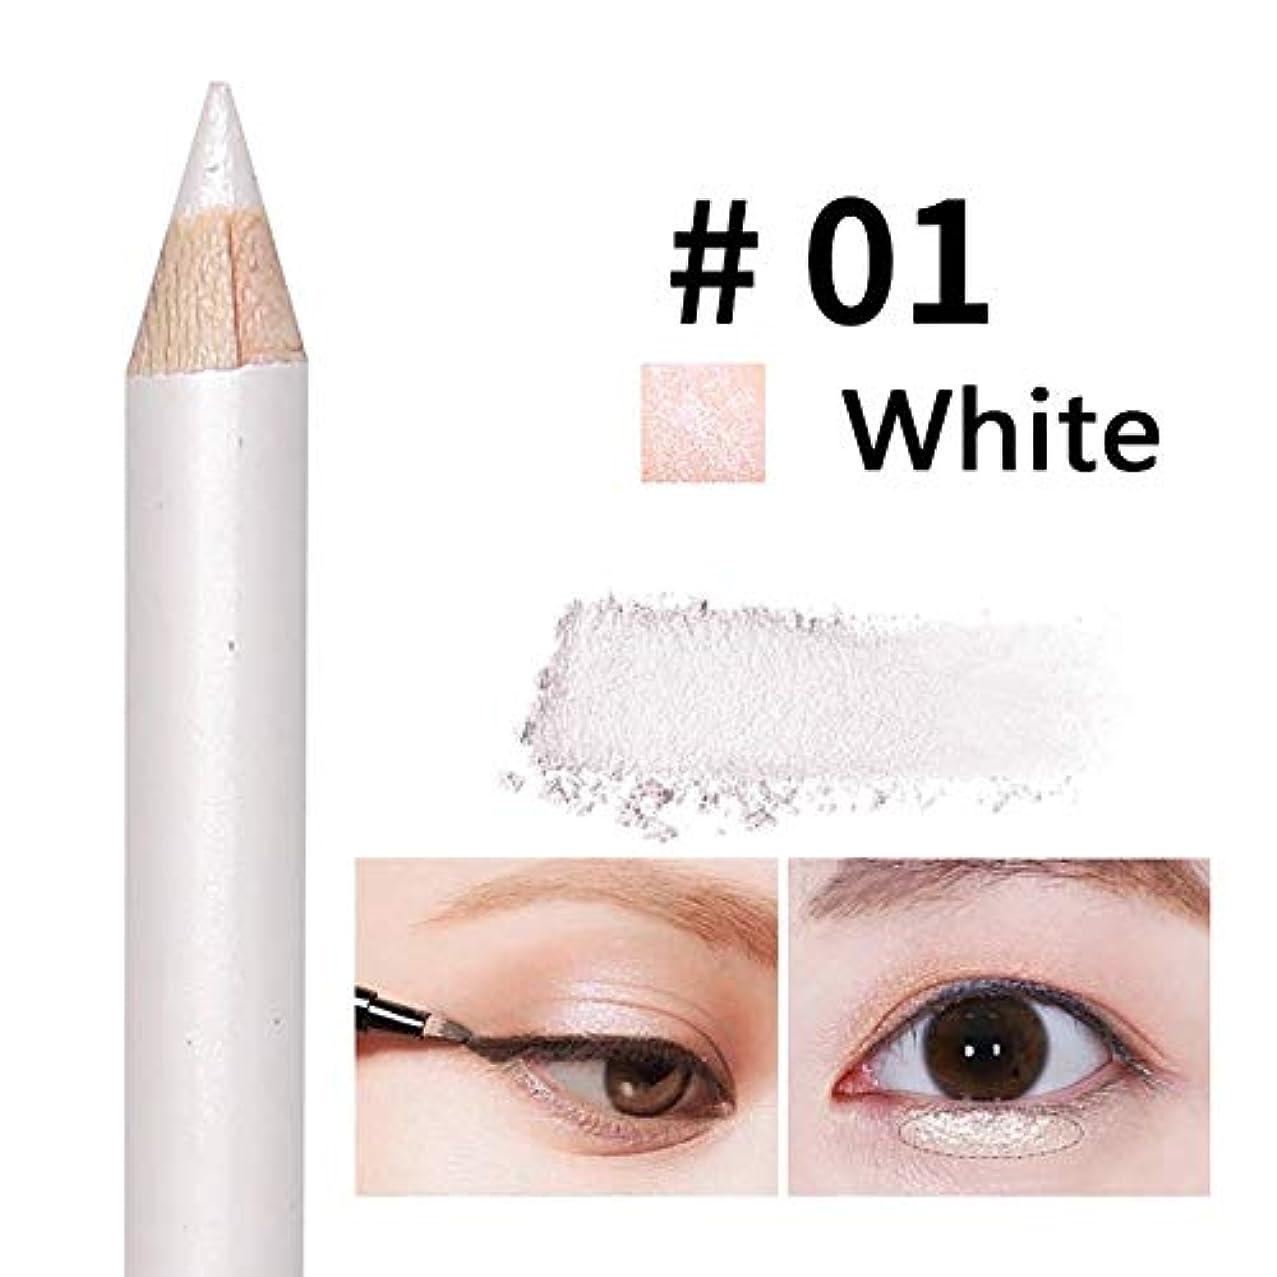 レビュアー重要なそしてCutelove アイシャドウ ペンシルタイプ パール入り 透明感 チップ付き 発色が良い 涙袋 防水 ホワイト